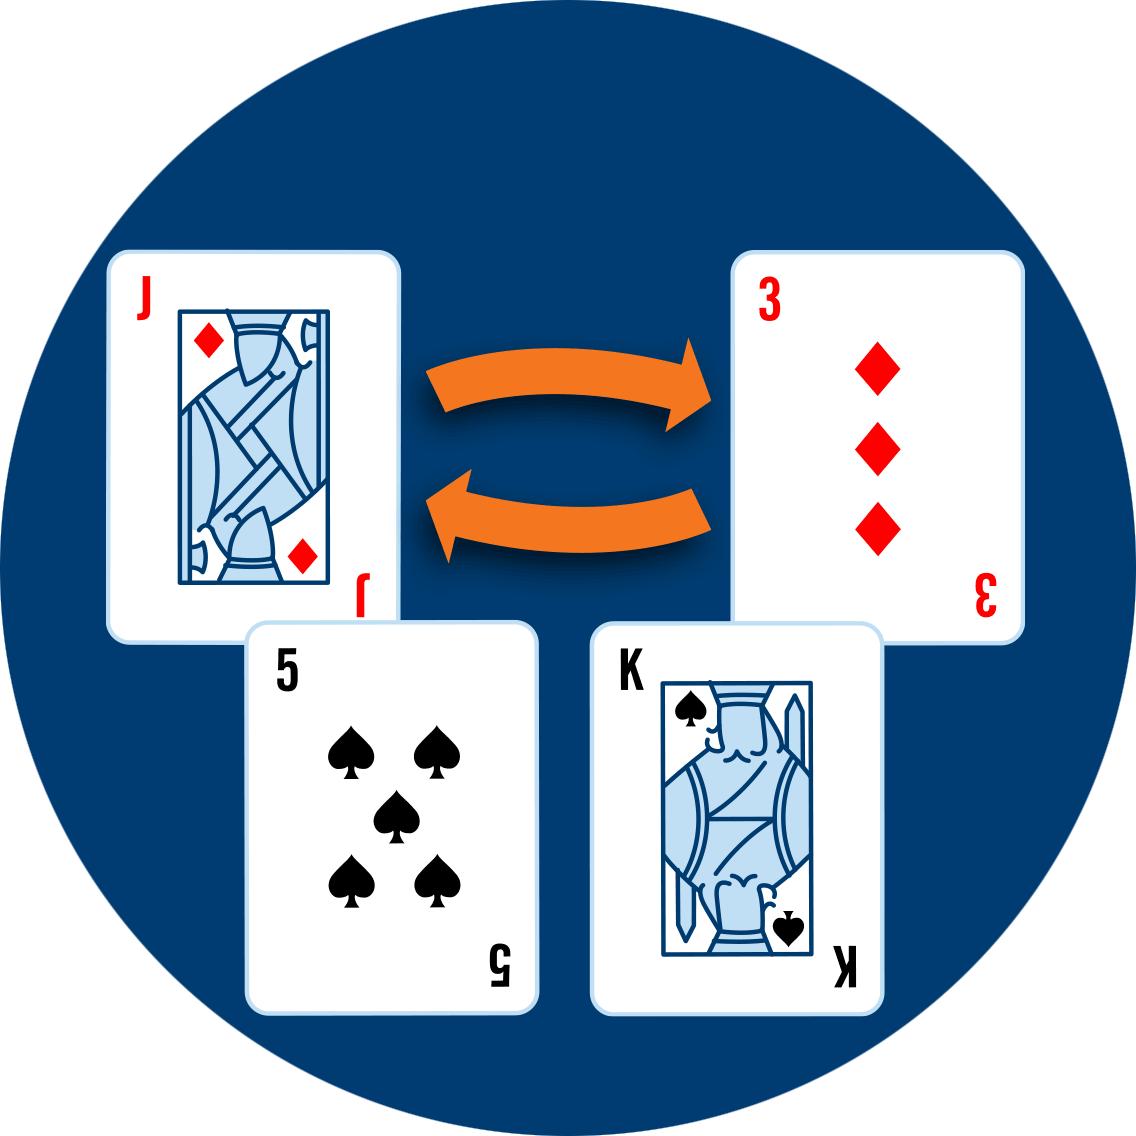 方塊3與方塊J互換,結果其中一手有一張方塊3和一張黑桃5,另一手有一張方塊J和一張黑桃K。